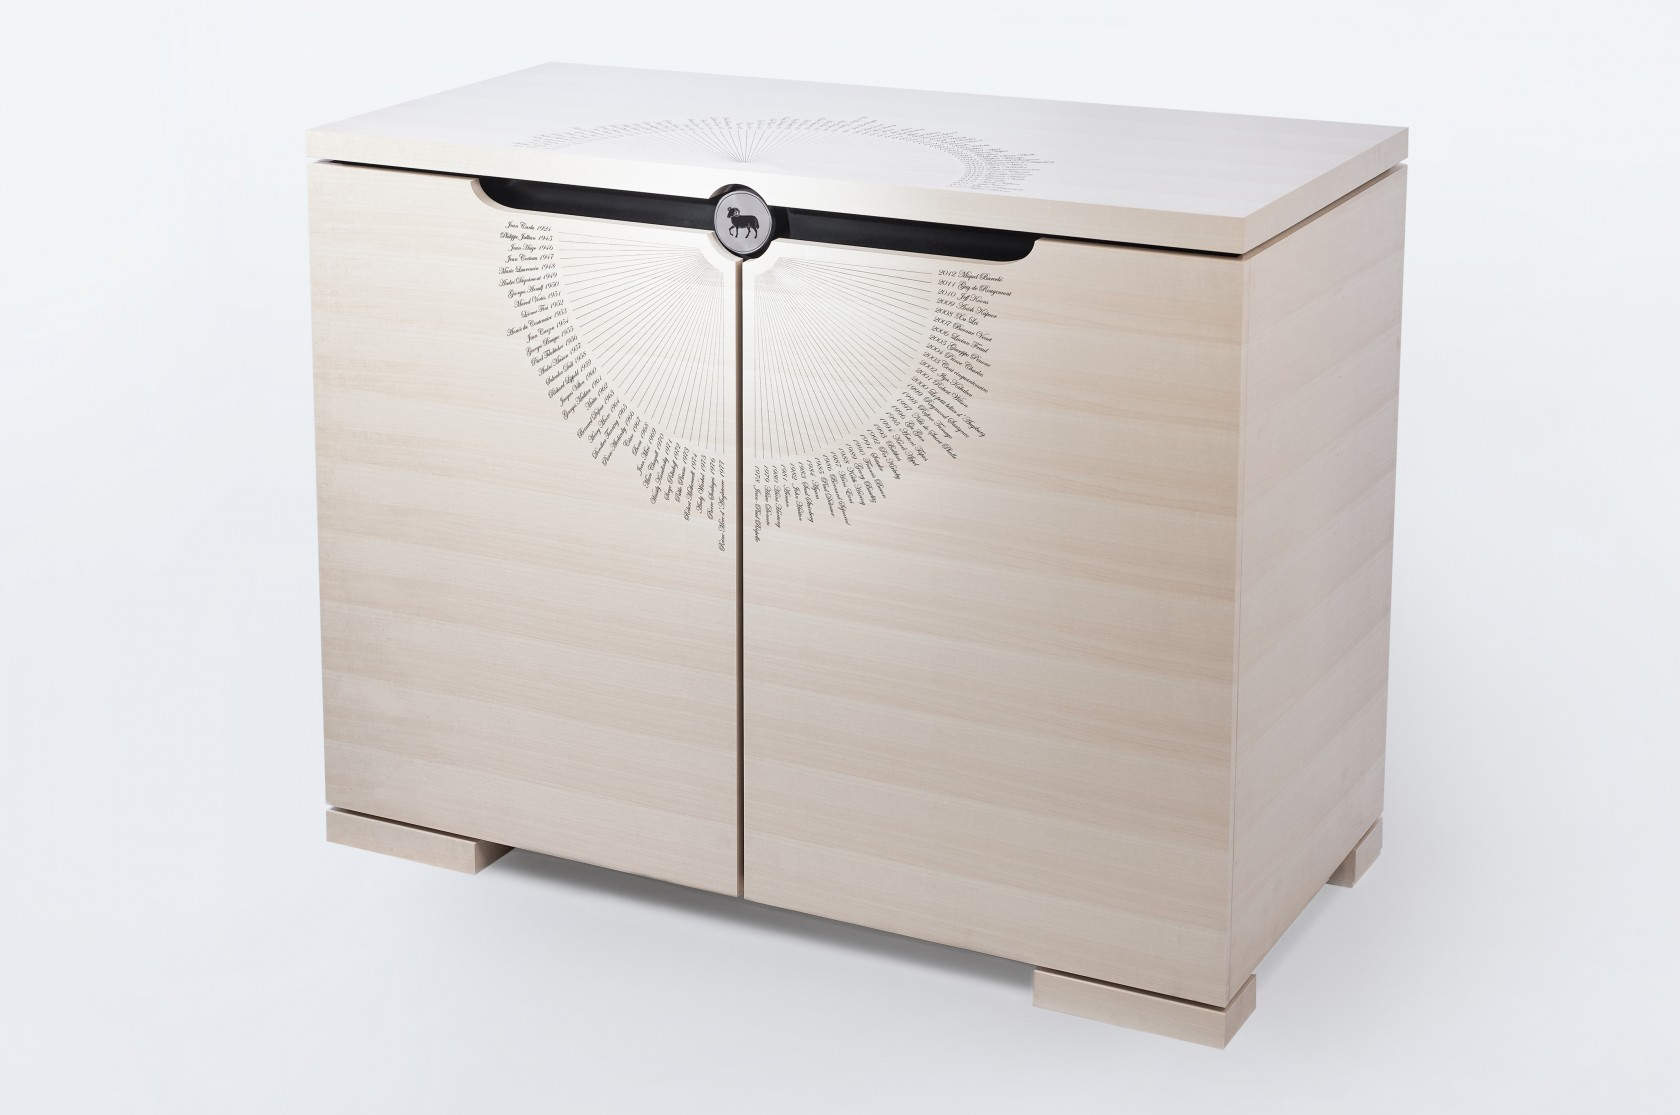 wine fridge ludovic avenel b niste cr ateur. Black Bedroom Furniture Sets. Home Design Ideas